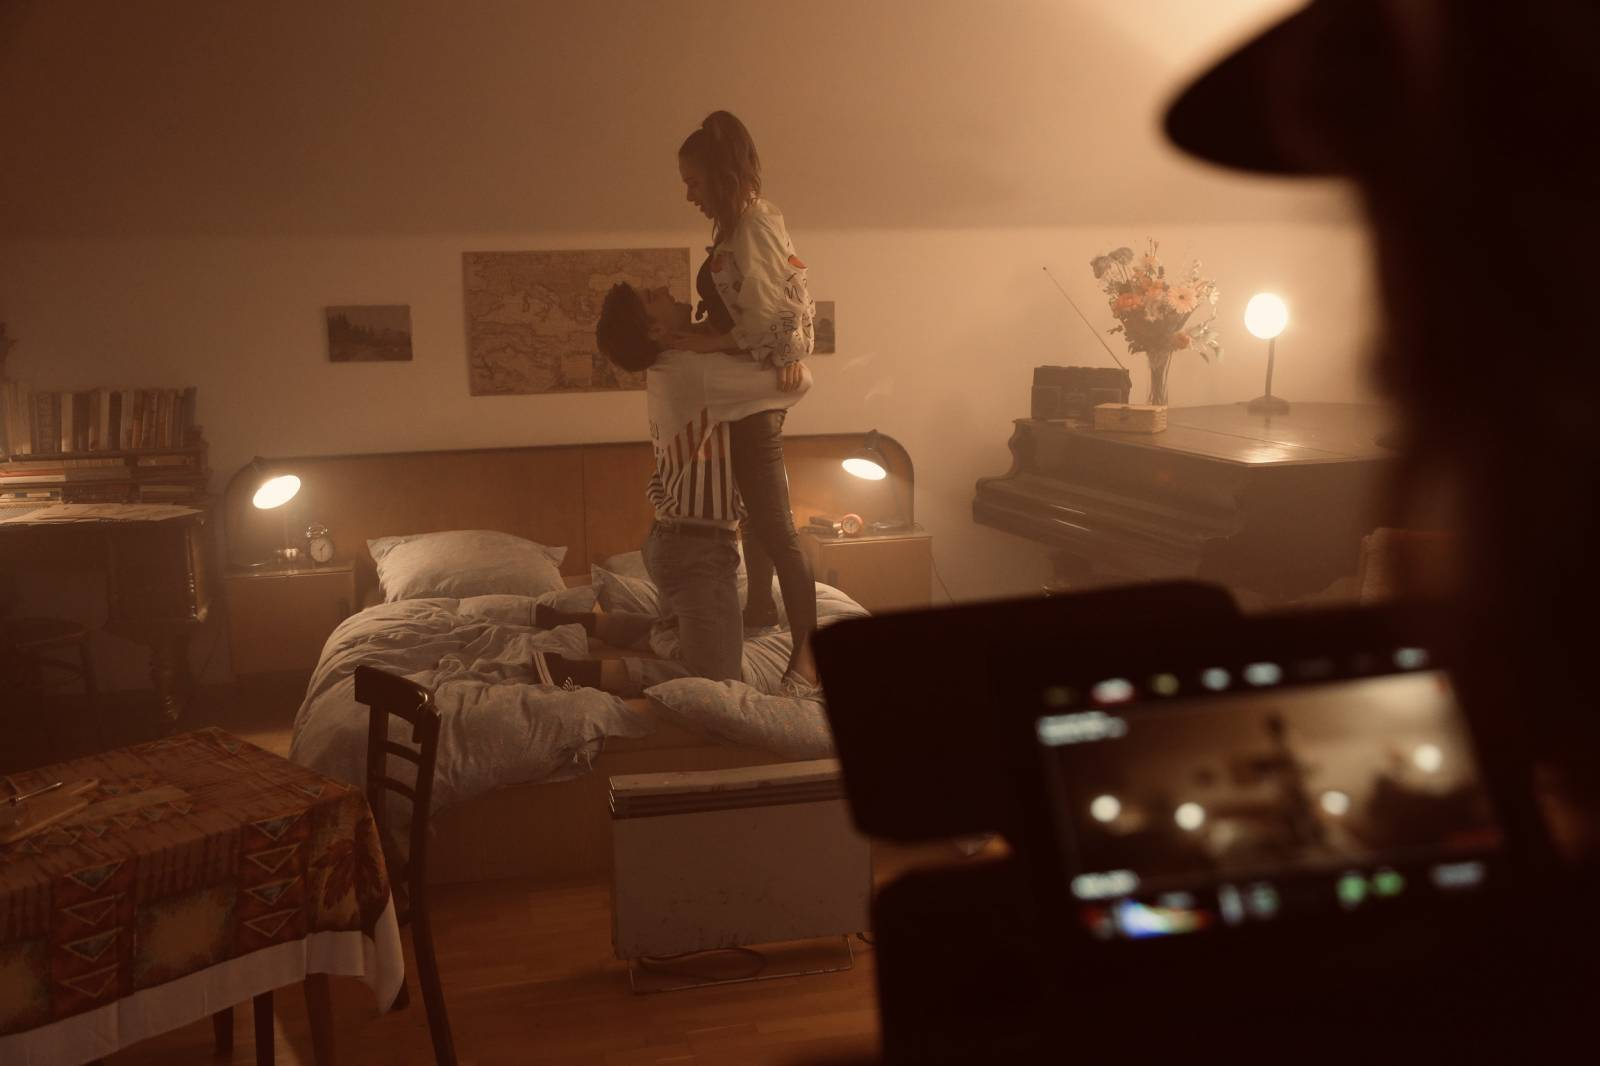 UDG představují videoklip Ještě jednou. Na vzniku singlu se podílel Marek Ztracený, ve vizuálu si zahrál jeho jmenovec Lambora